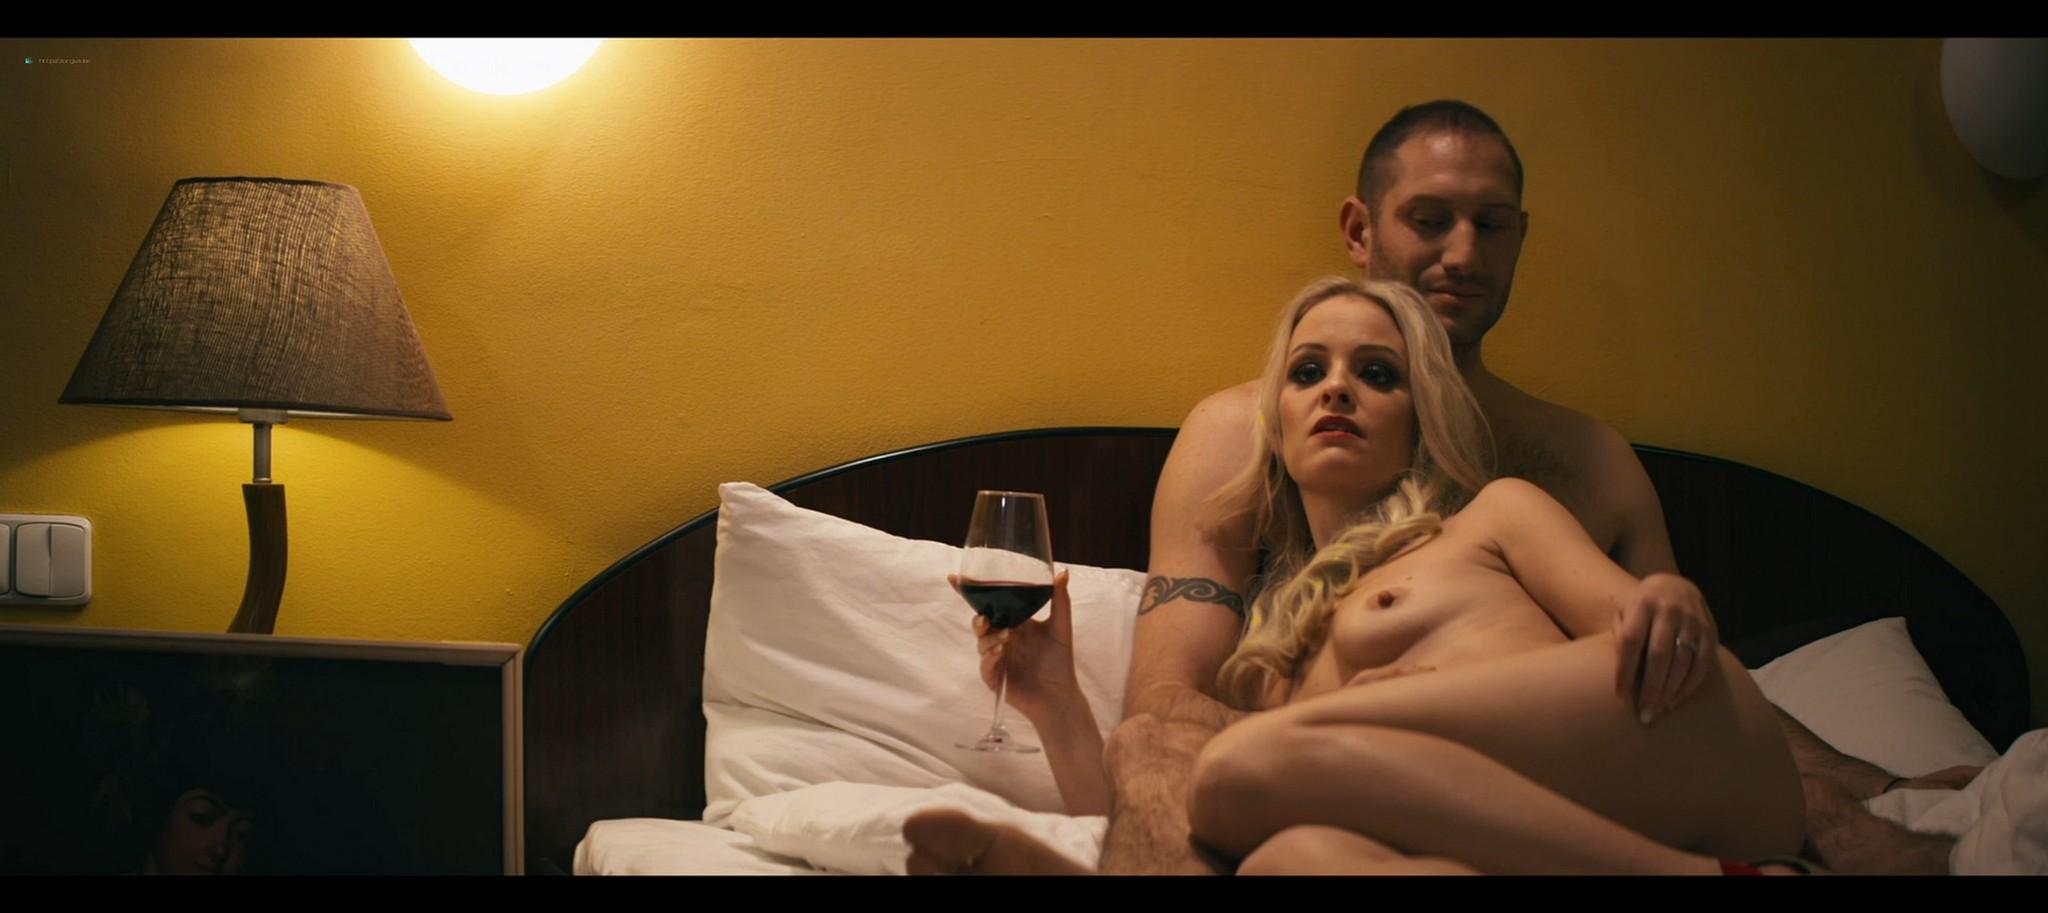 Michelle J Wright nude and sex Gabriela Brinza nude sex Introspectum Motel 2021 1080p Web 15